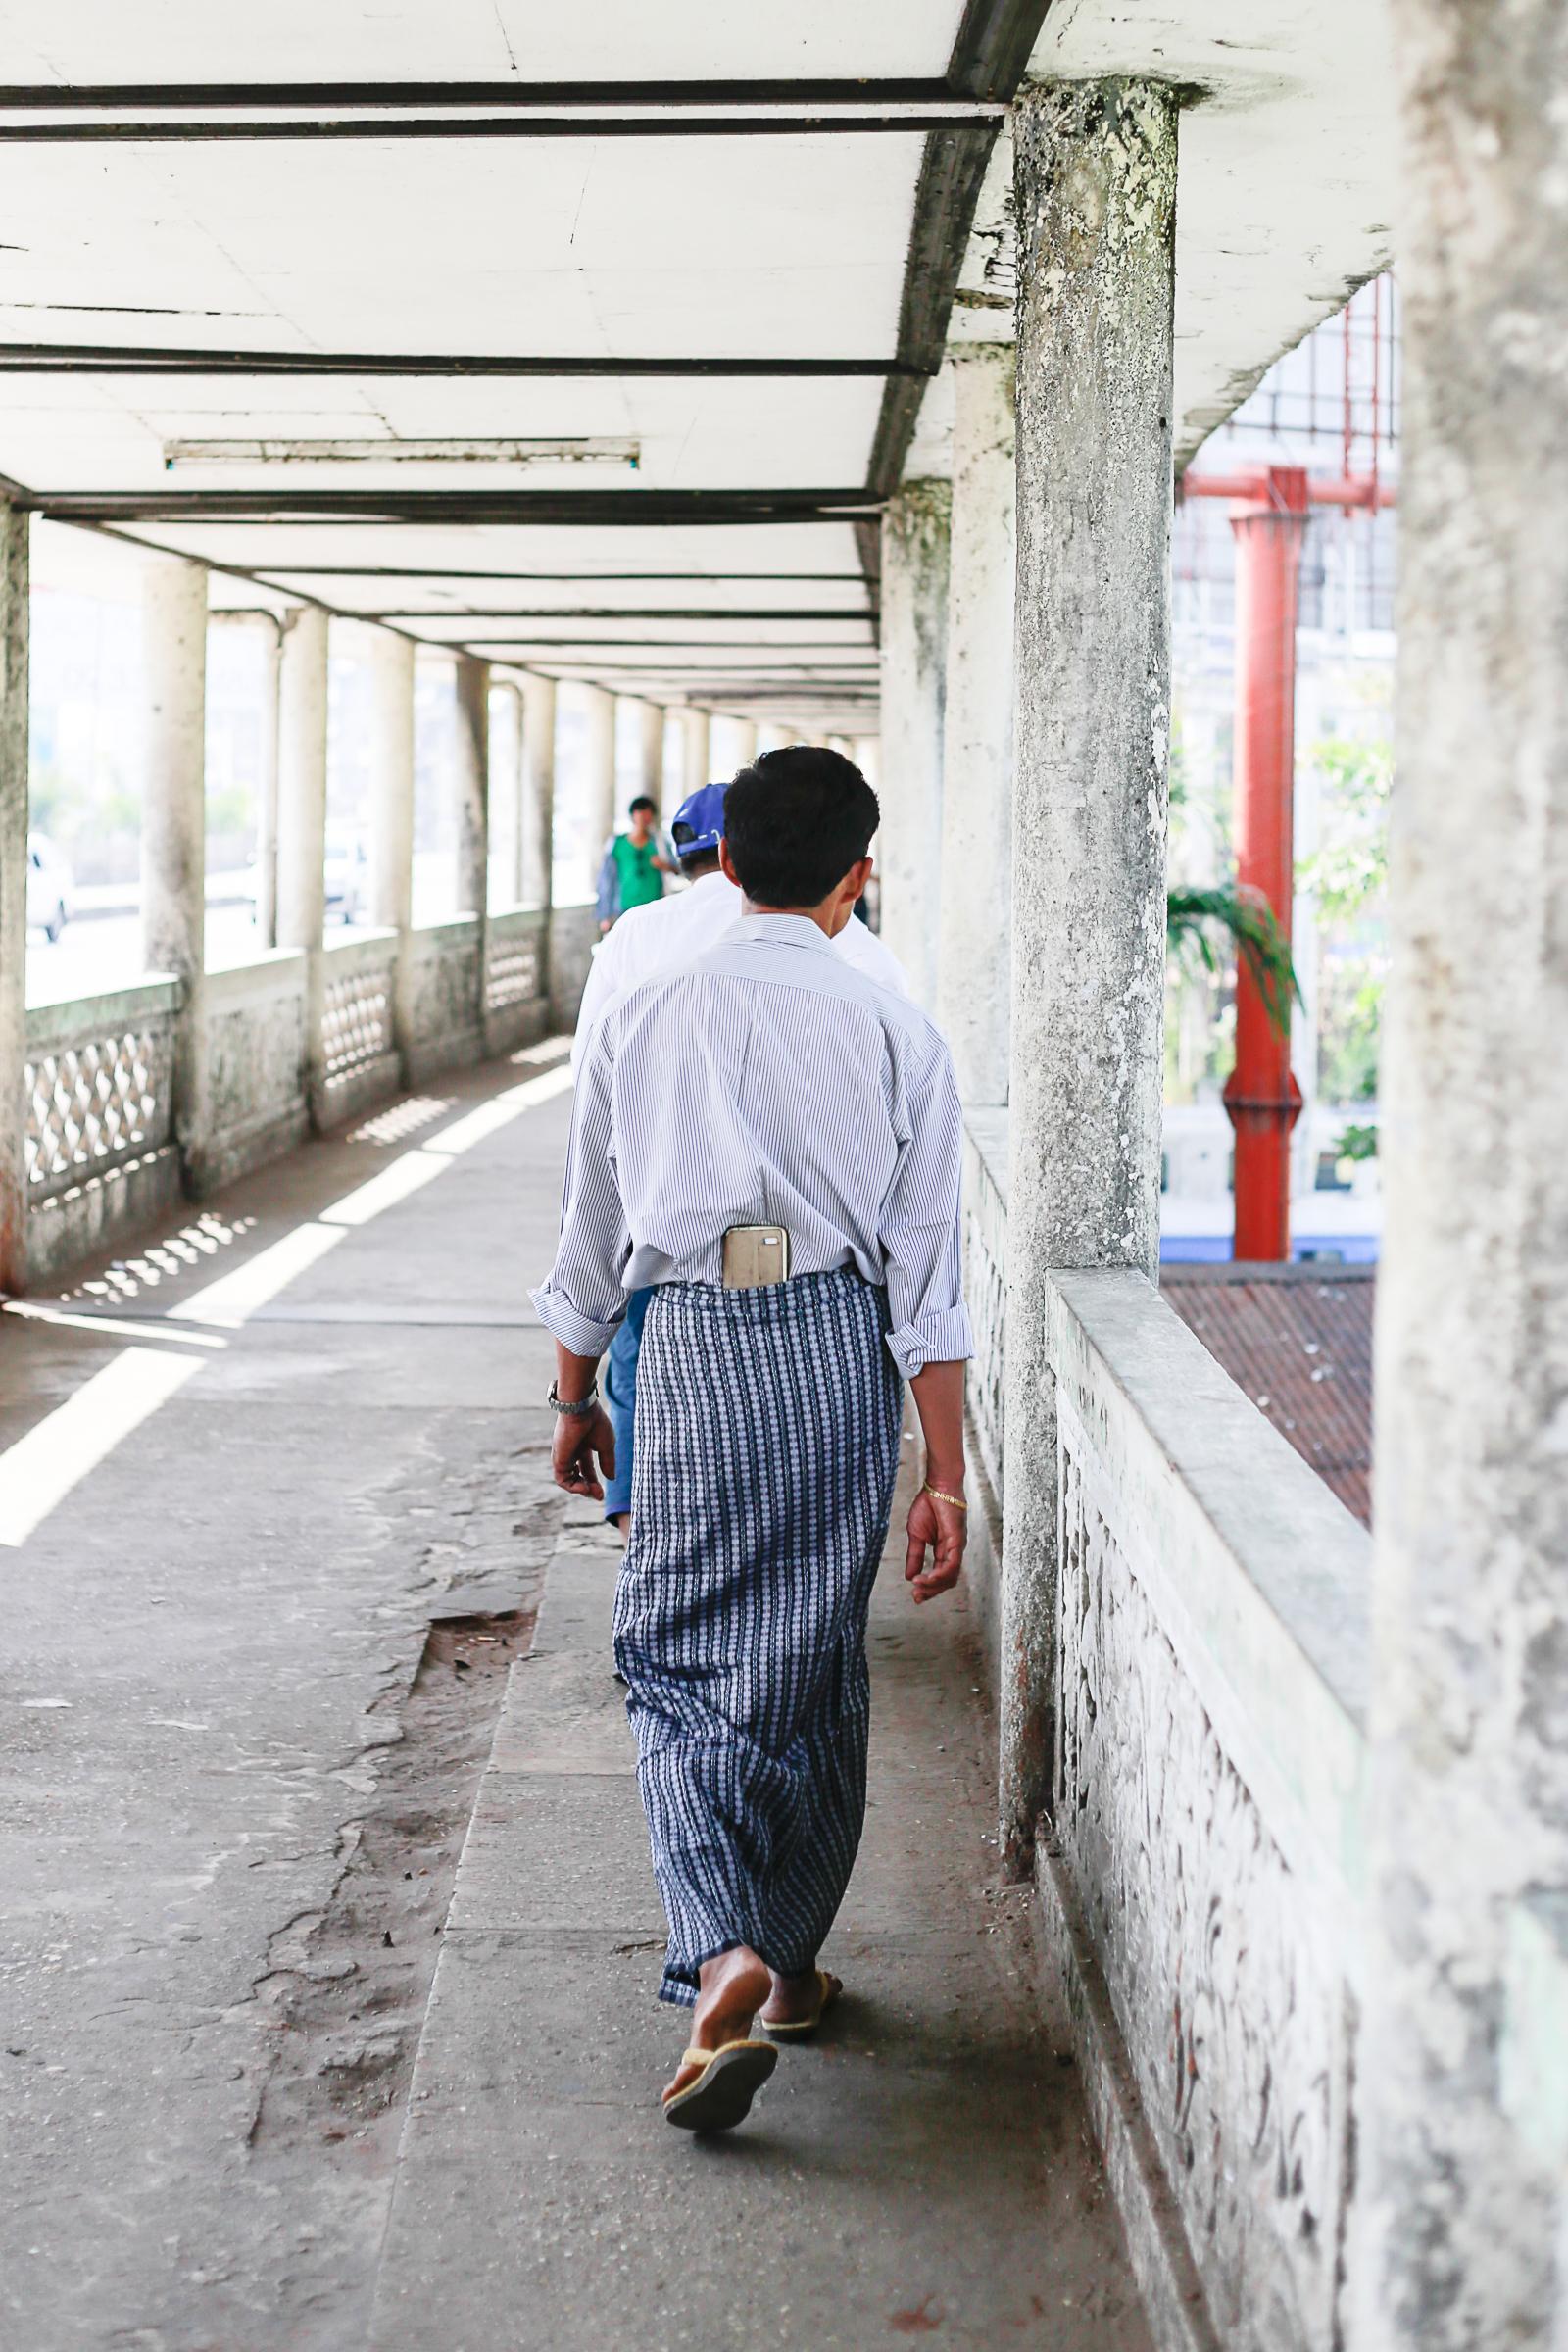 Chloe Edwards-Myanmar_Yangon 13940.jpg